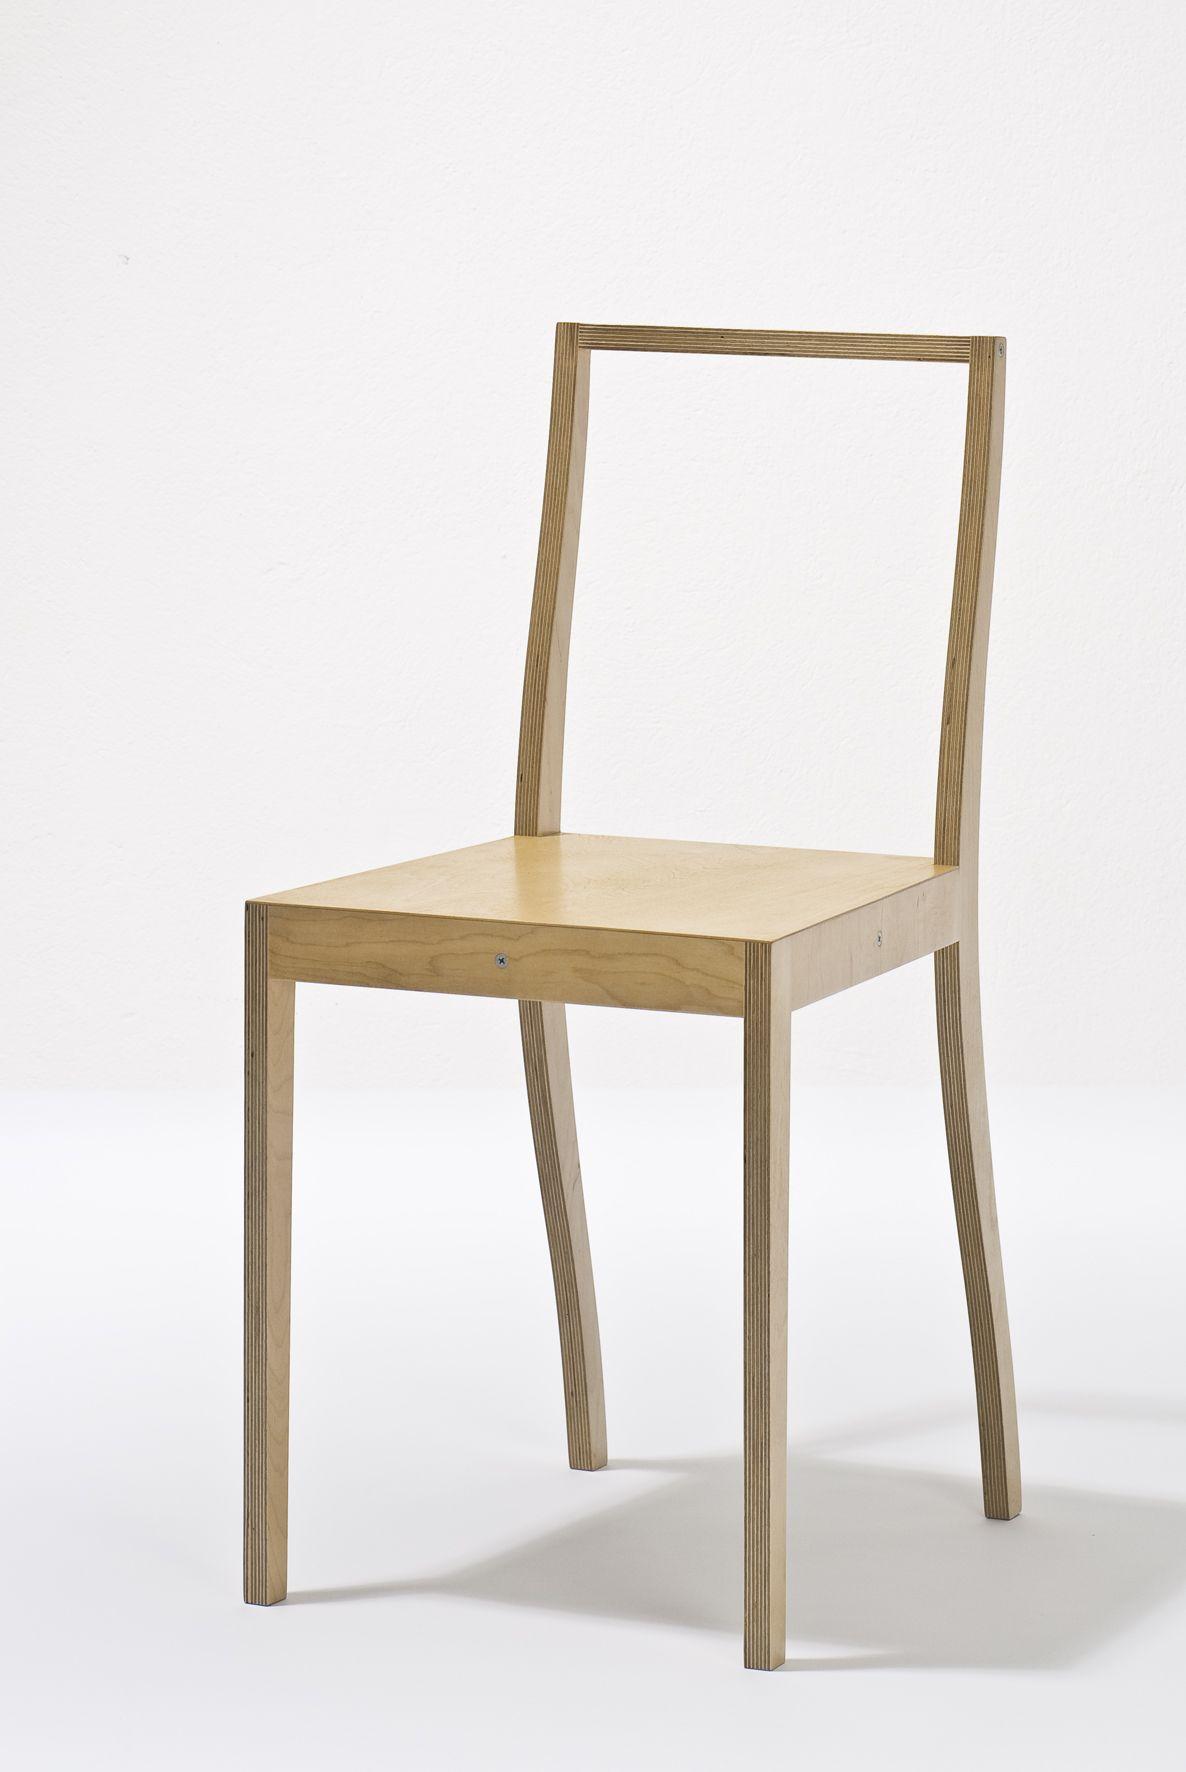 Jasper Morisson Chairs for School Pinterest